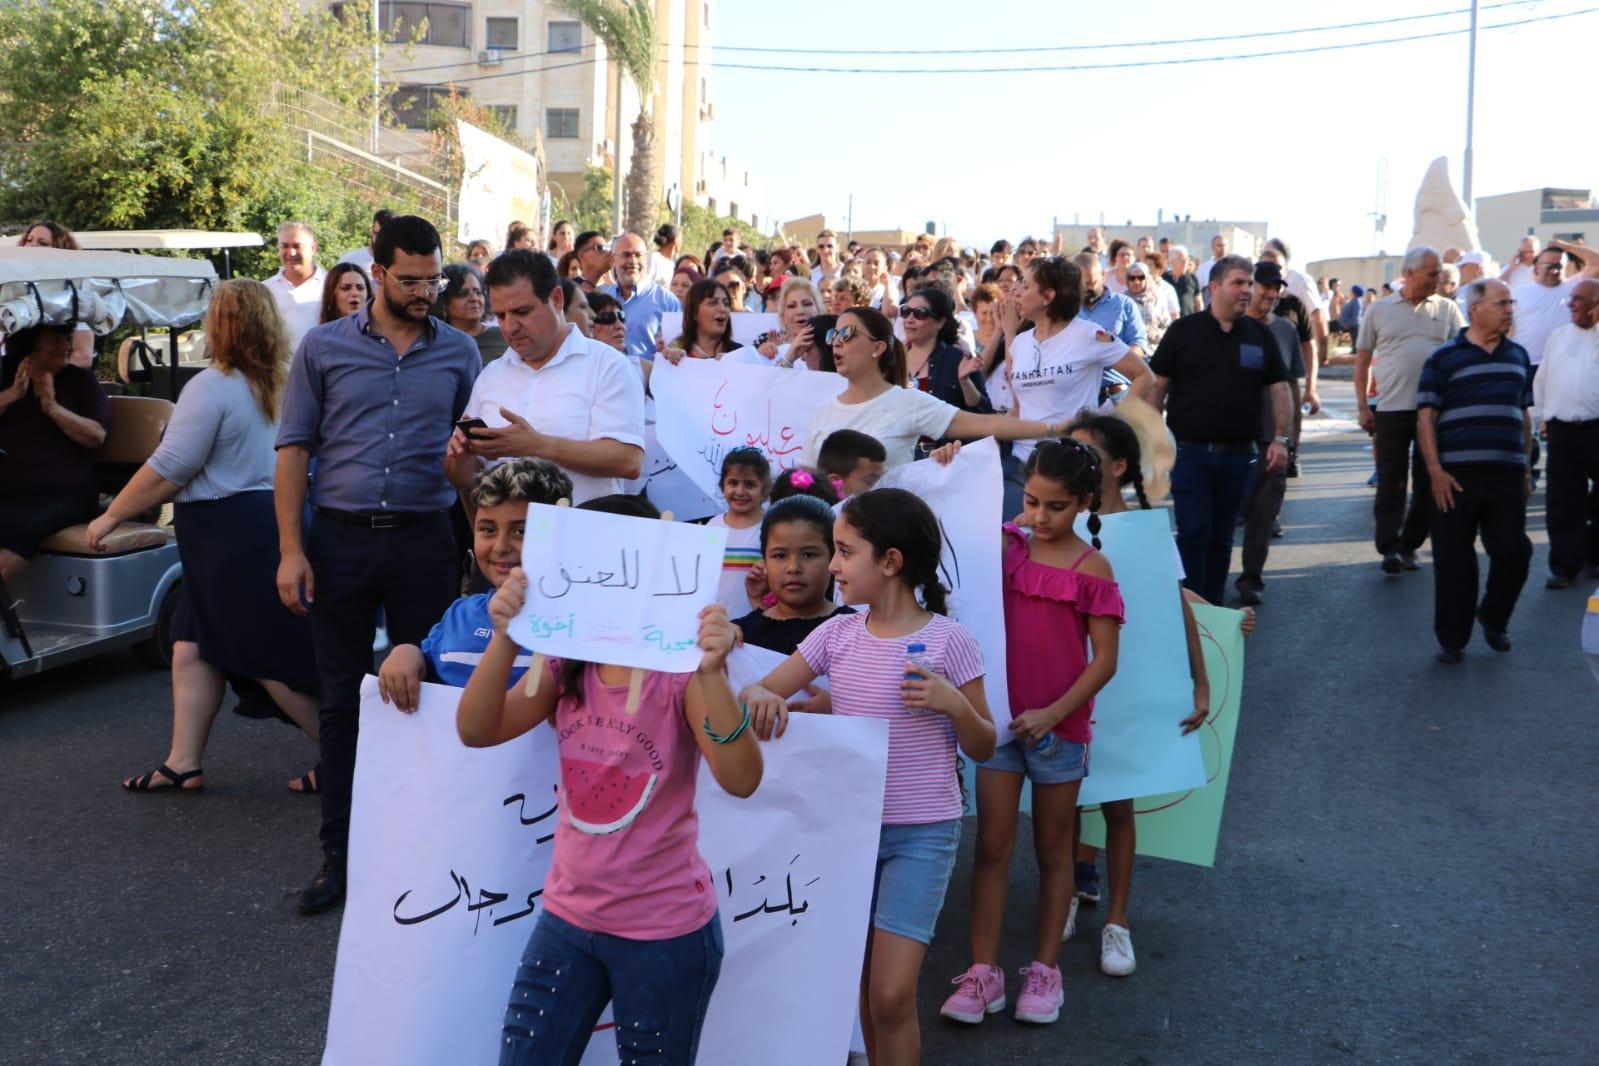 نساء عيلبون يتظاهرن رفضا للعنف